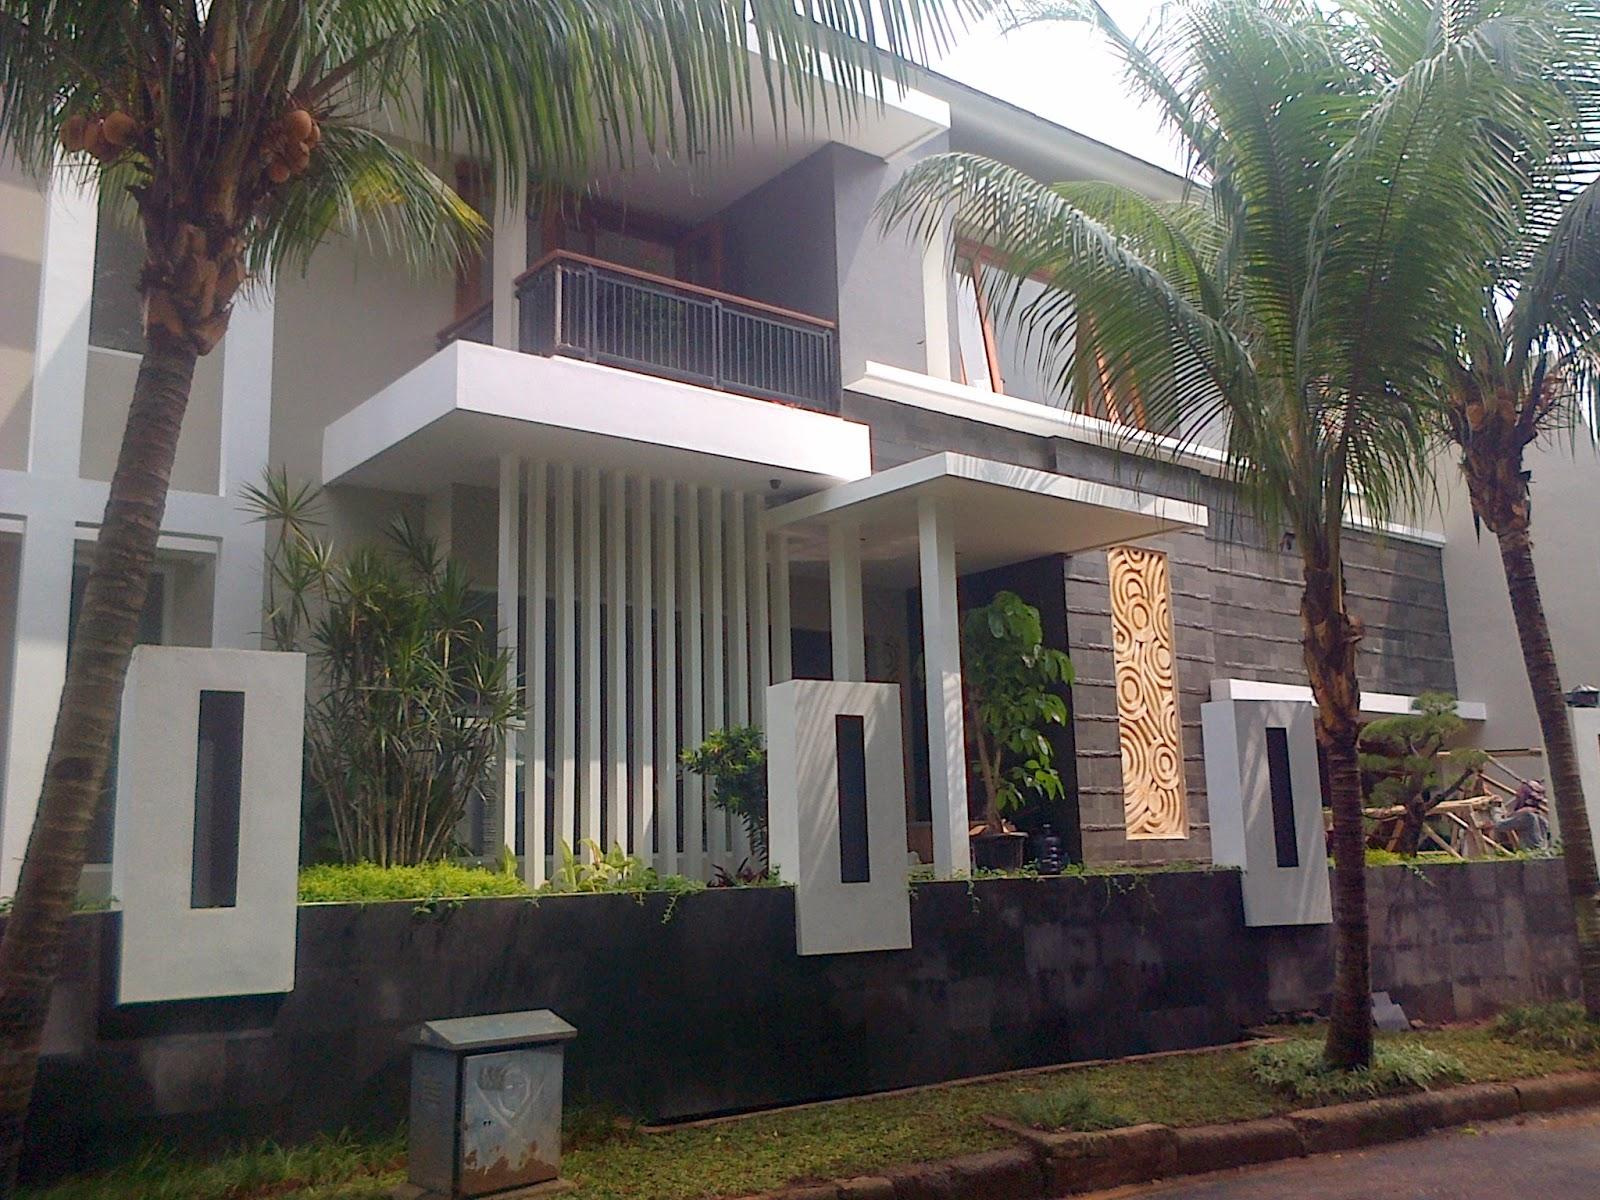 Rumah tropis minimalis kalibata Desain aditya wijaya